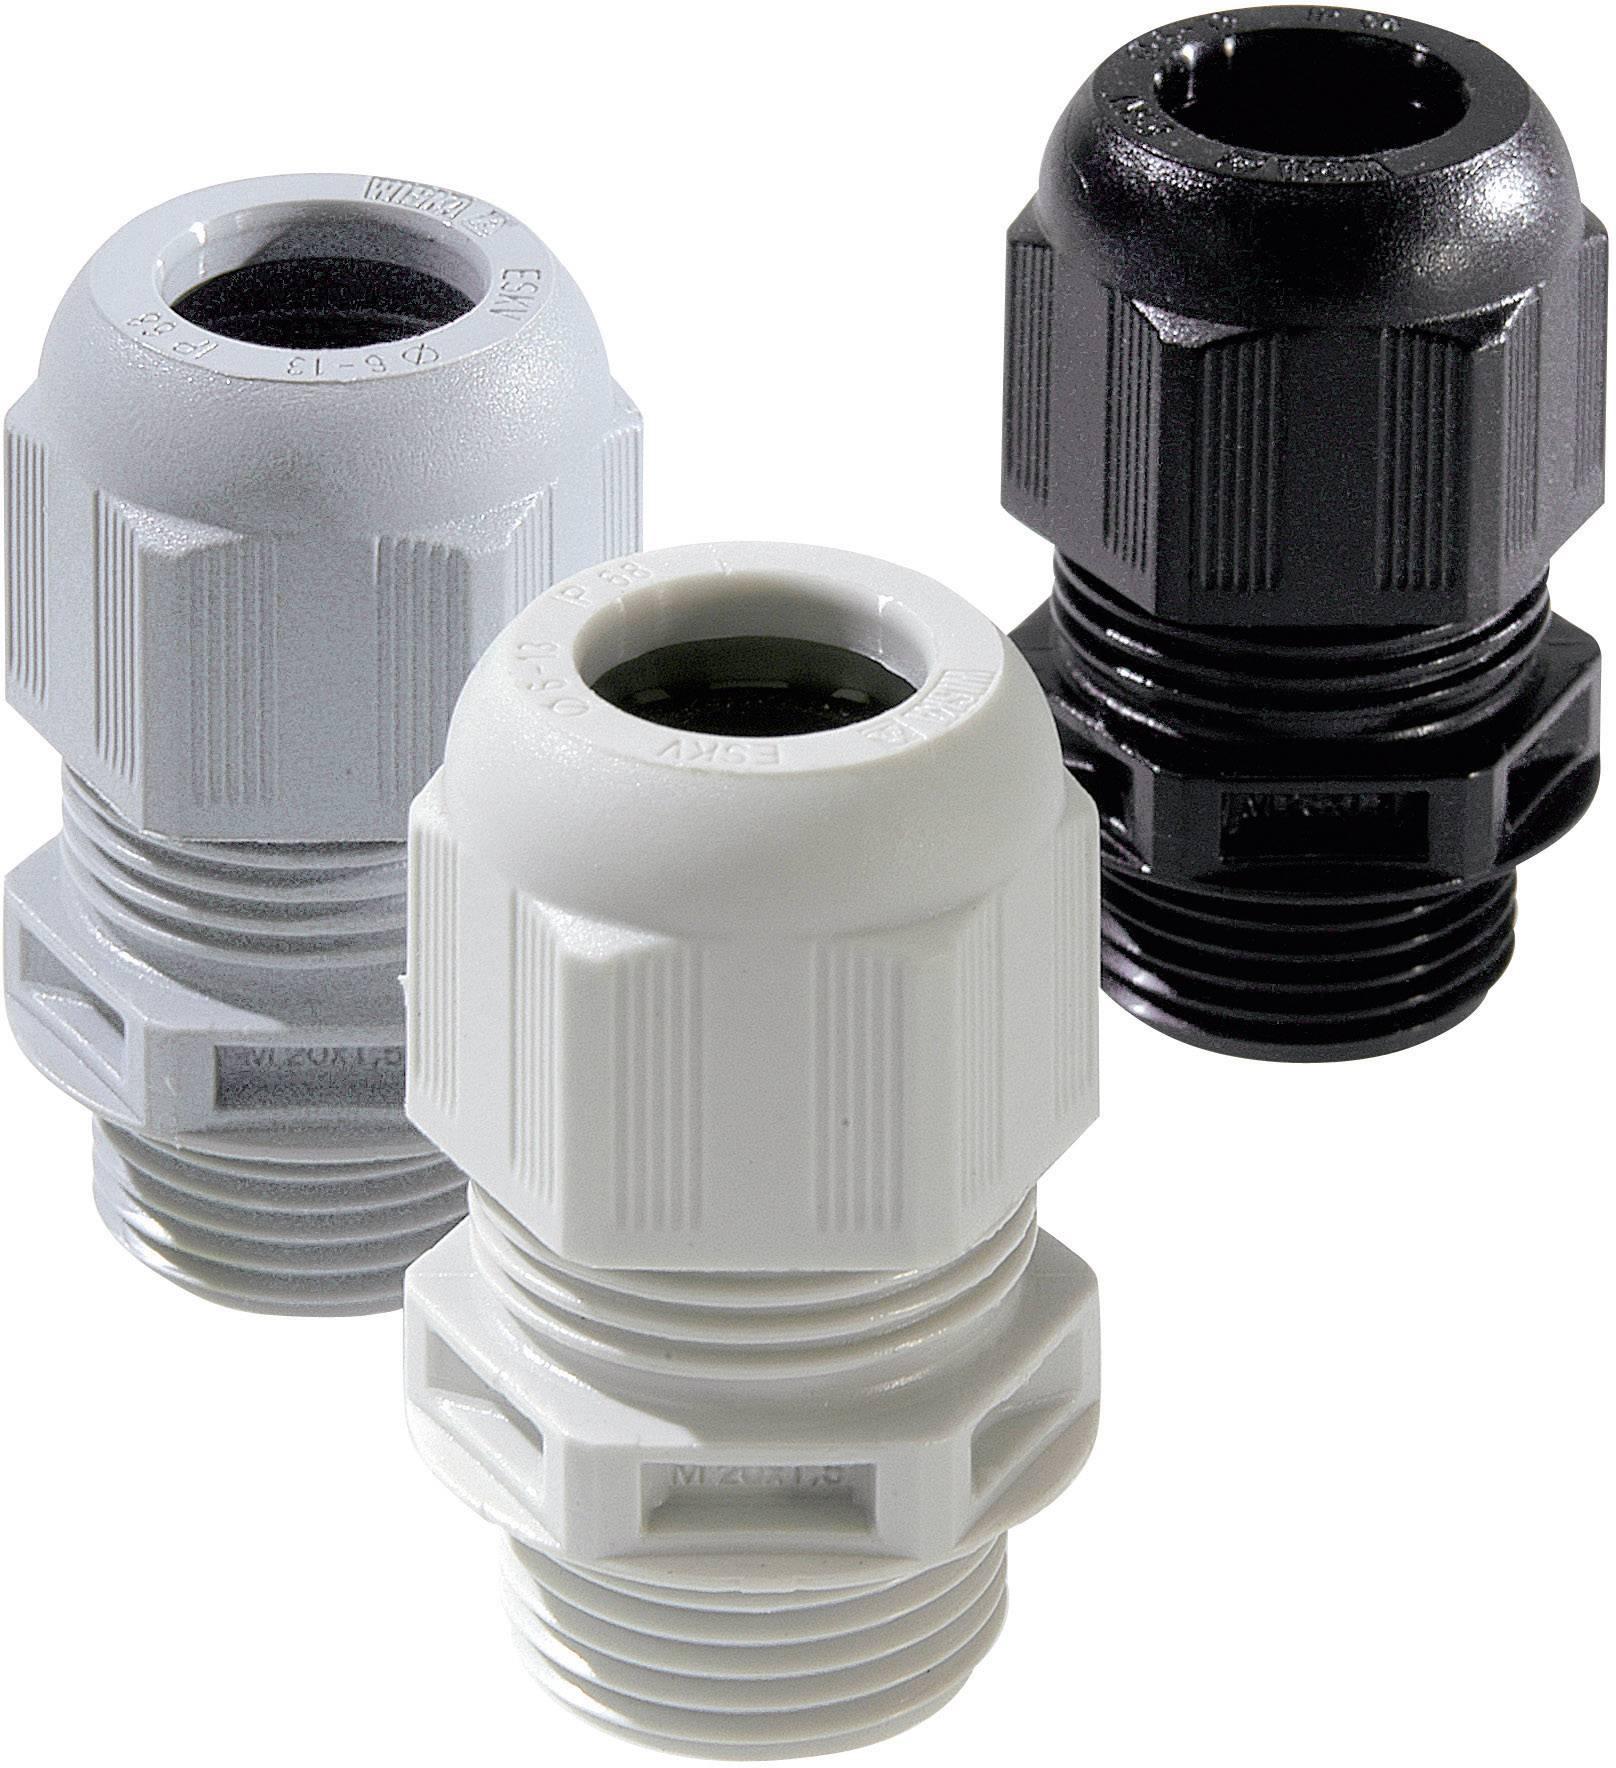 Káblová priechodka Wiska ESKV M63 RAL 7001, polyamid, striebornosivá, 1 ks